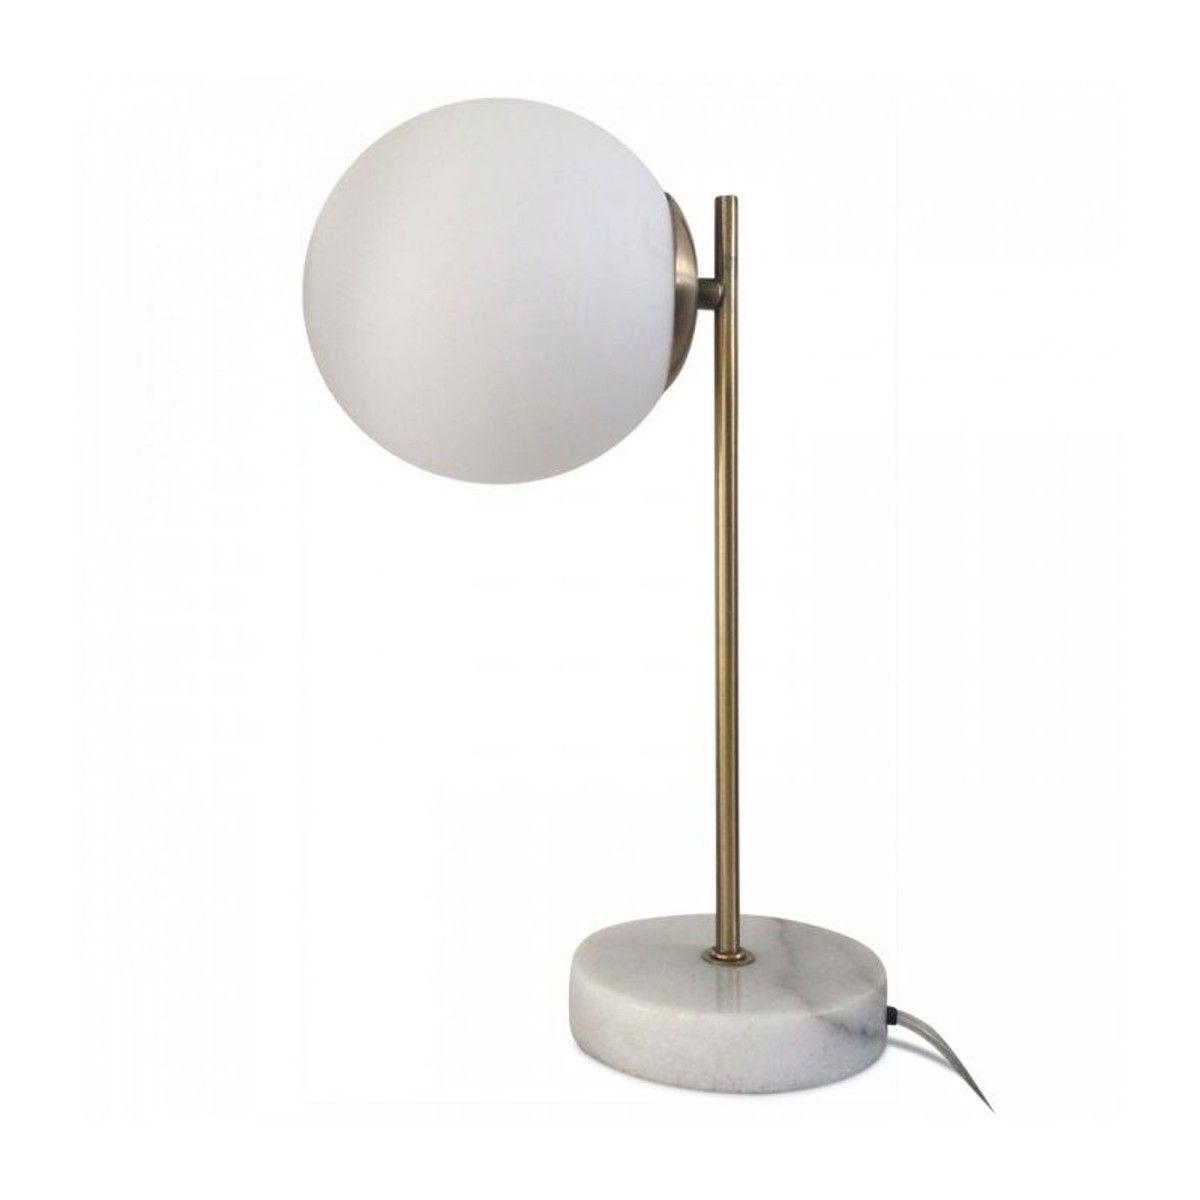 Lampe A Poser Retro En Marbre Blanc Laiton Et Verre Marbre Blanc Lampe De Chevet Tactile Lampe A Poser